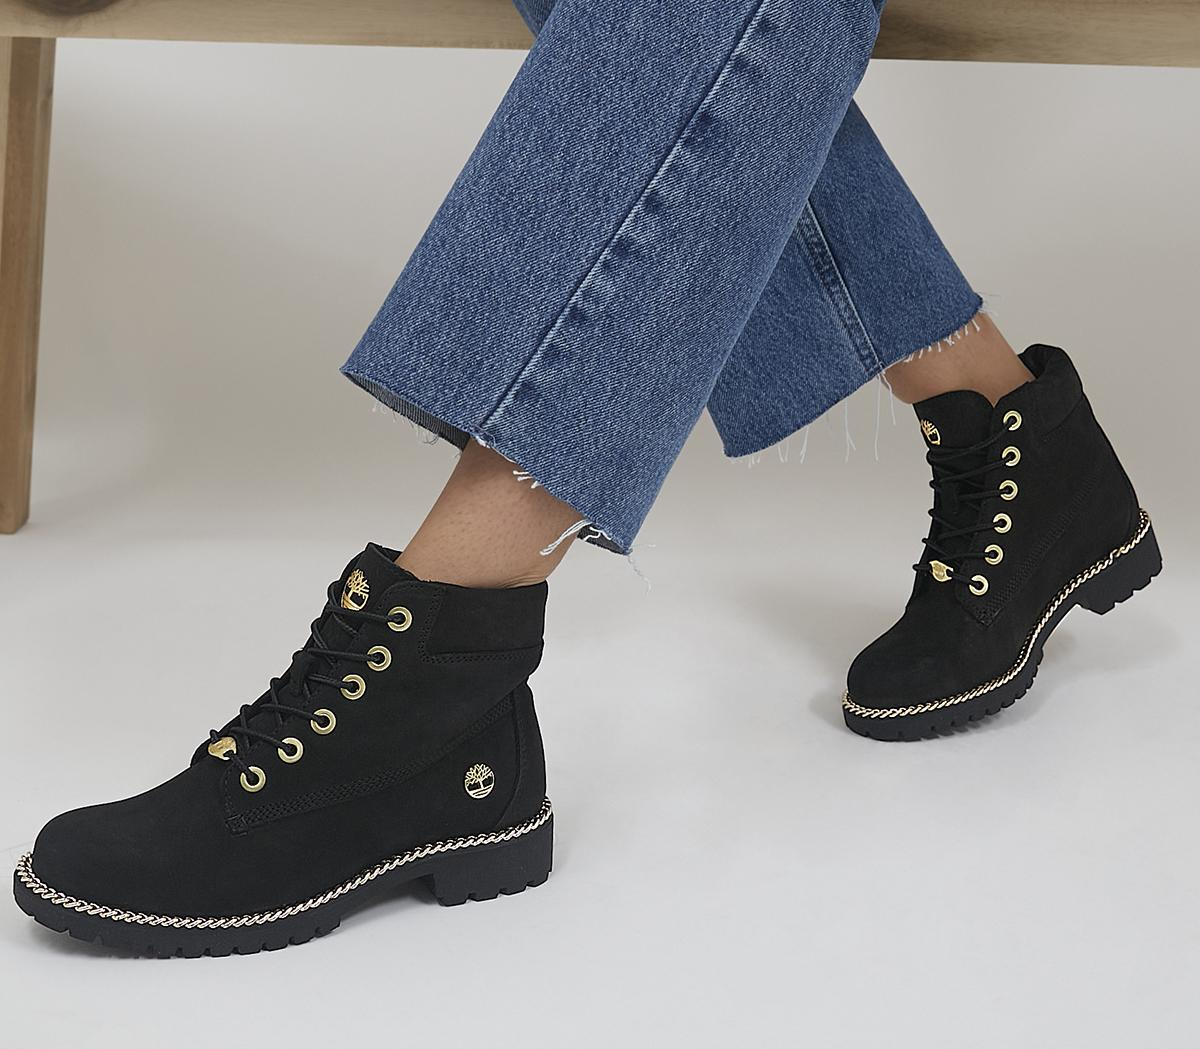 Slim Premium 6 Inch Boots